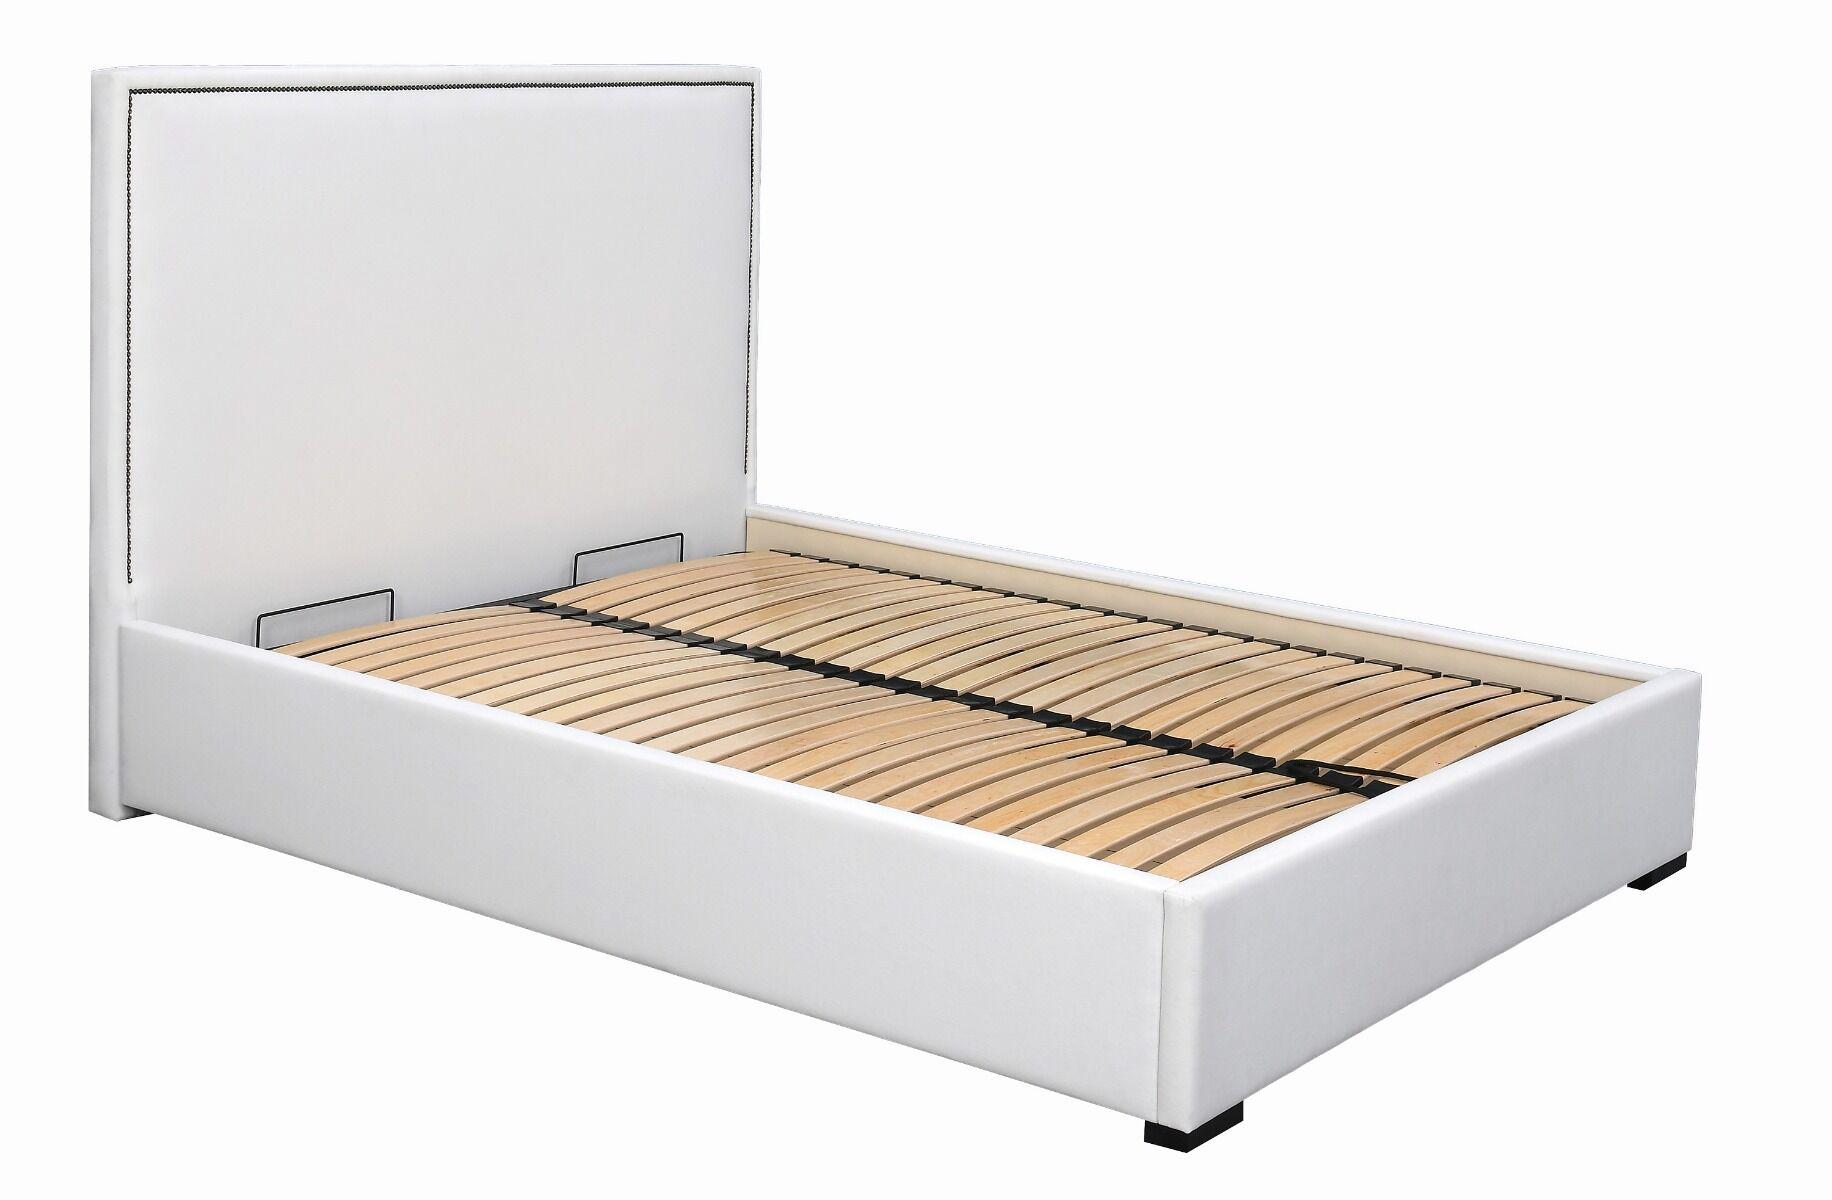 Łóżko Mallister z pojemnikiem na pościel 178x224x125 cm